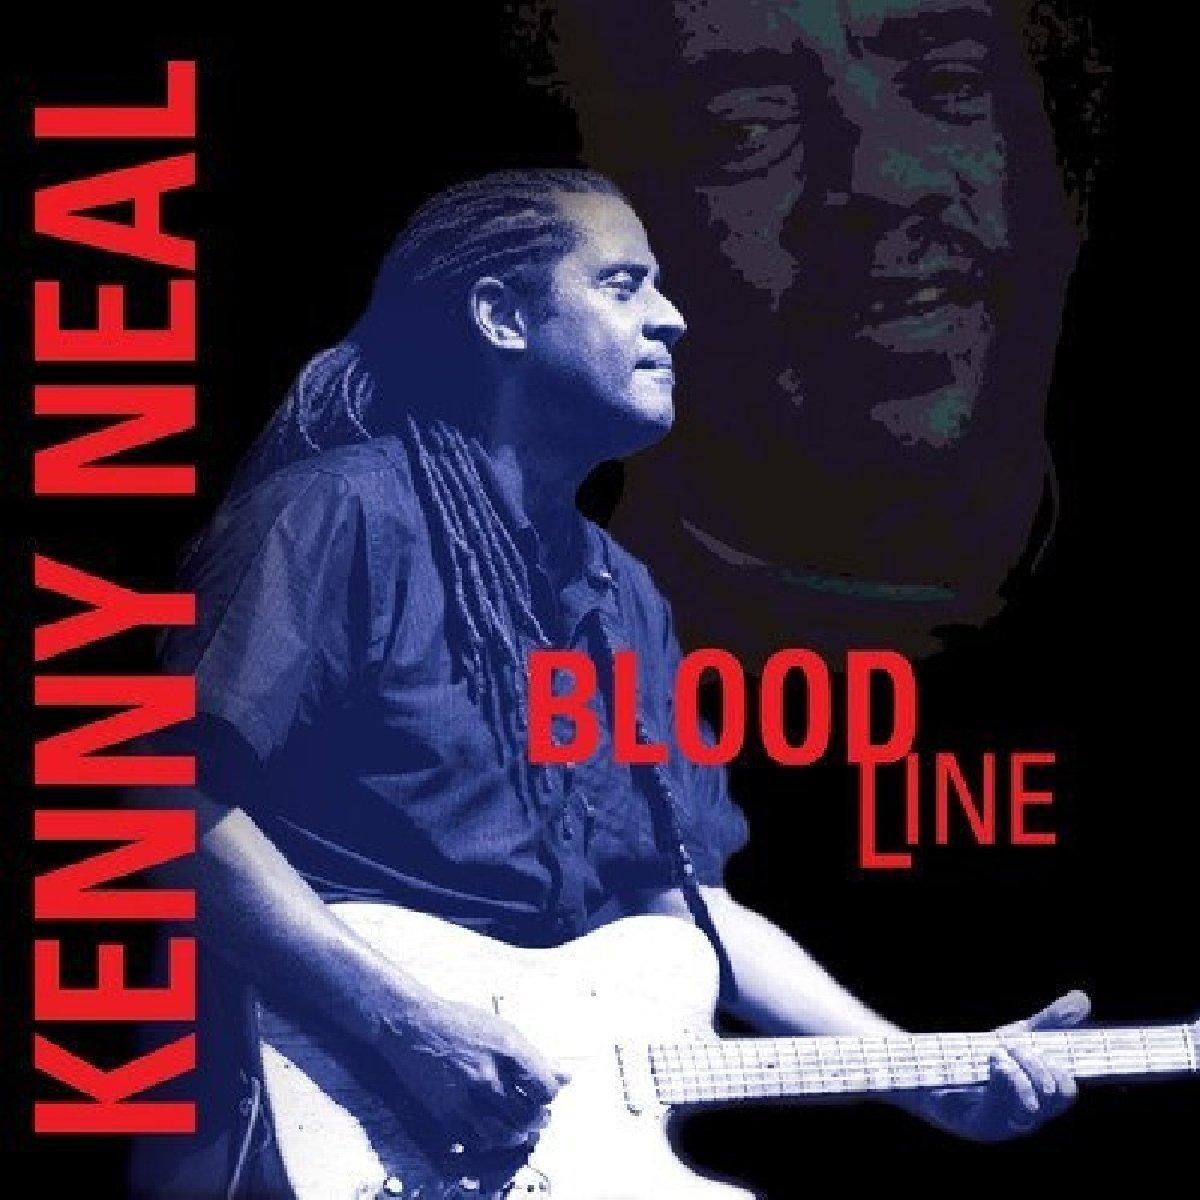 Kenny Neal - Bloodline 71dyUbauyZL._SL1200_